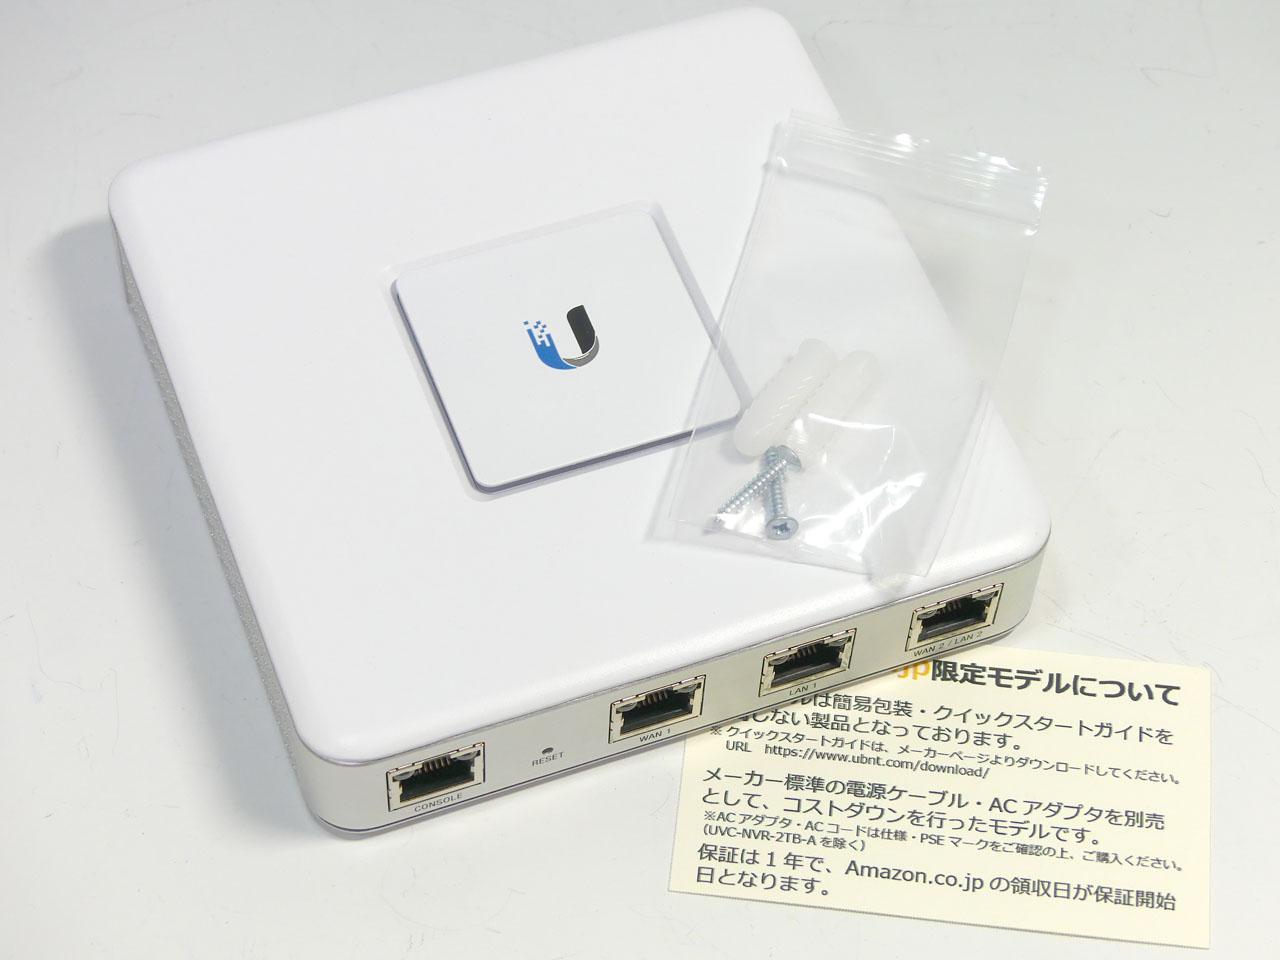 Ubiquiti Networksのセキュリティゲートウェイ「USG」。本体価格が安く、コントローラーソフトのライセンスなども不要で利用できる